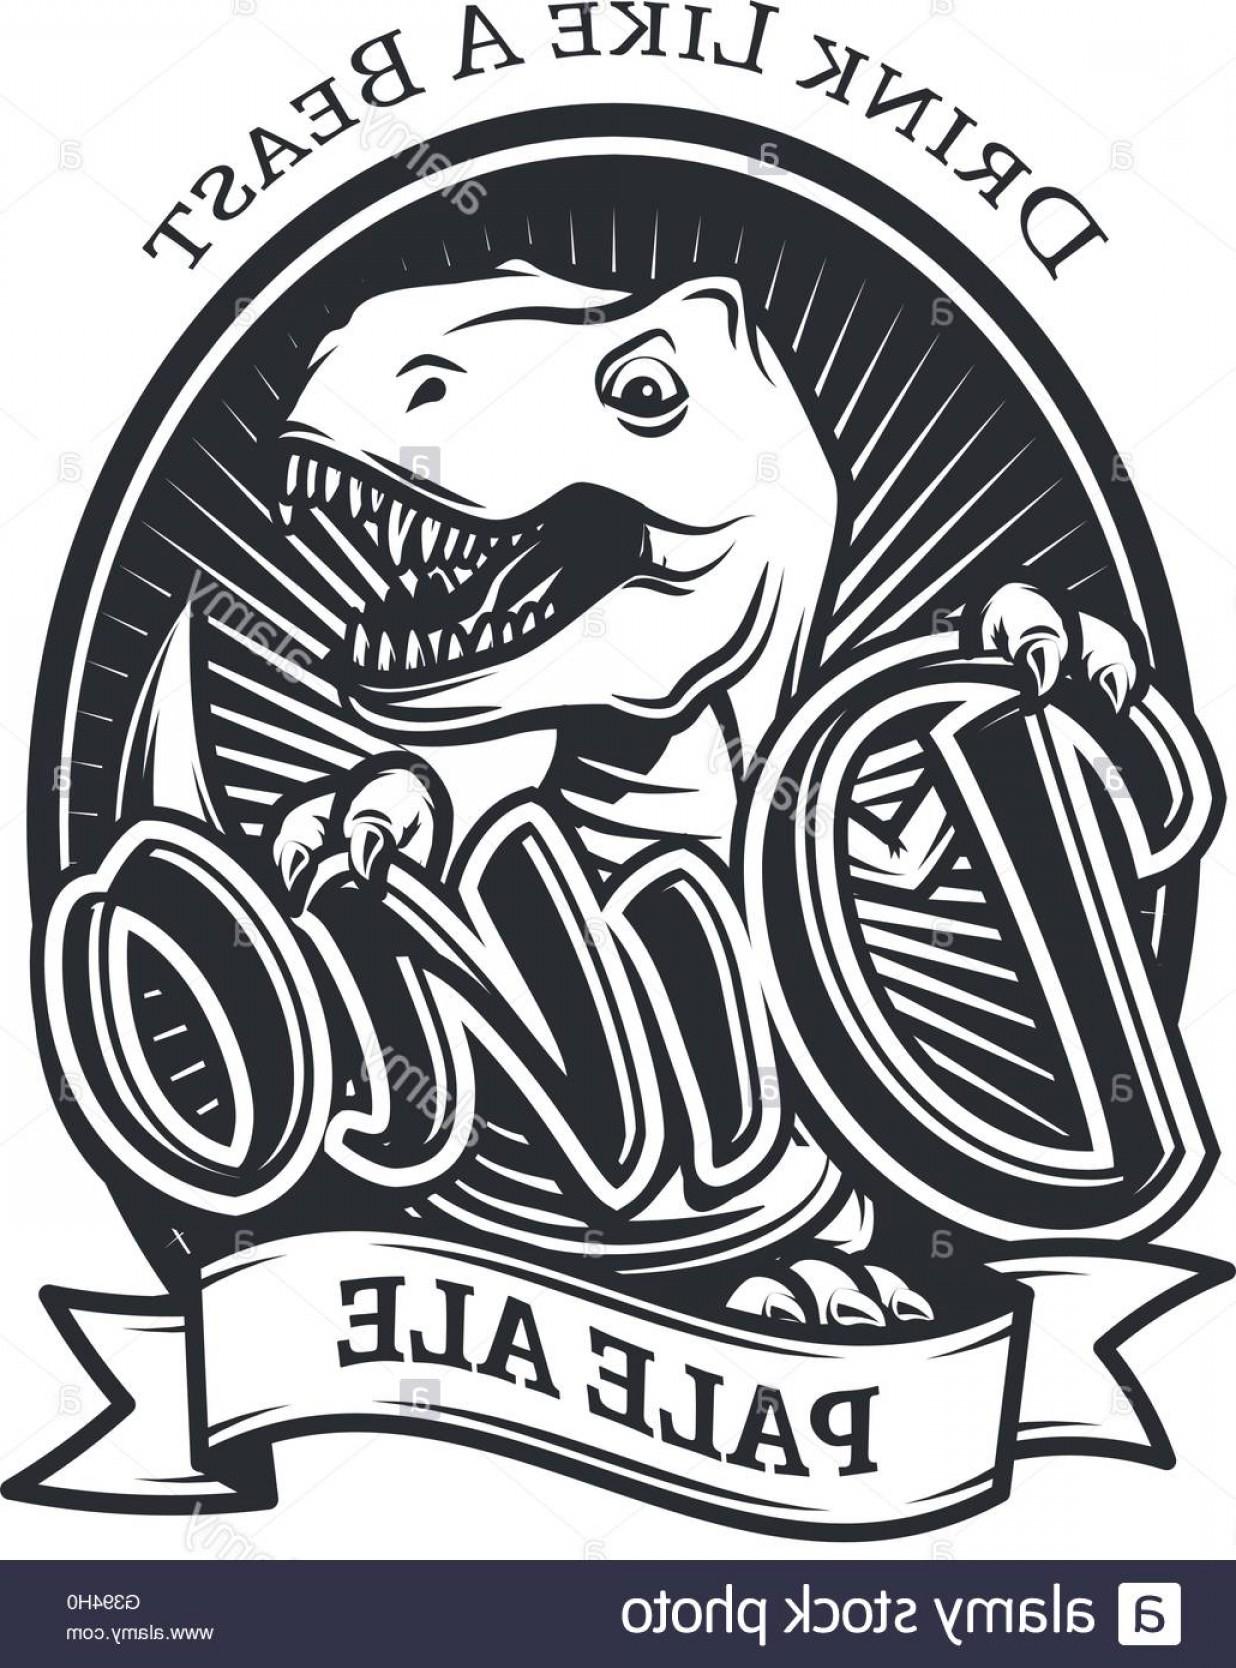 craft beer logo design